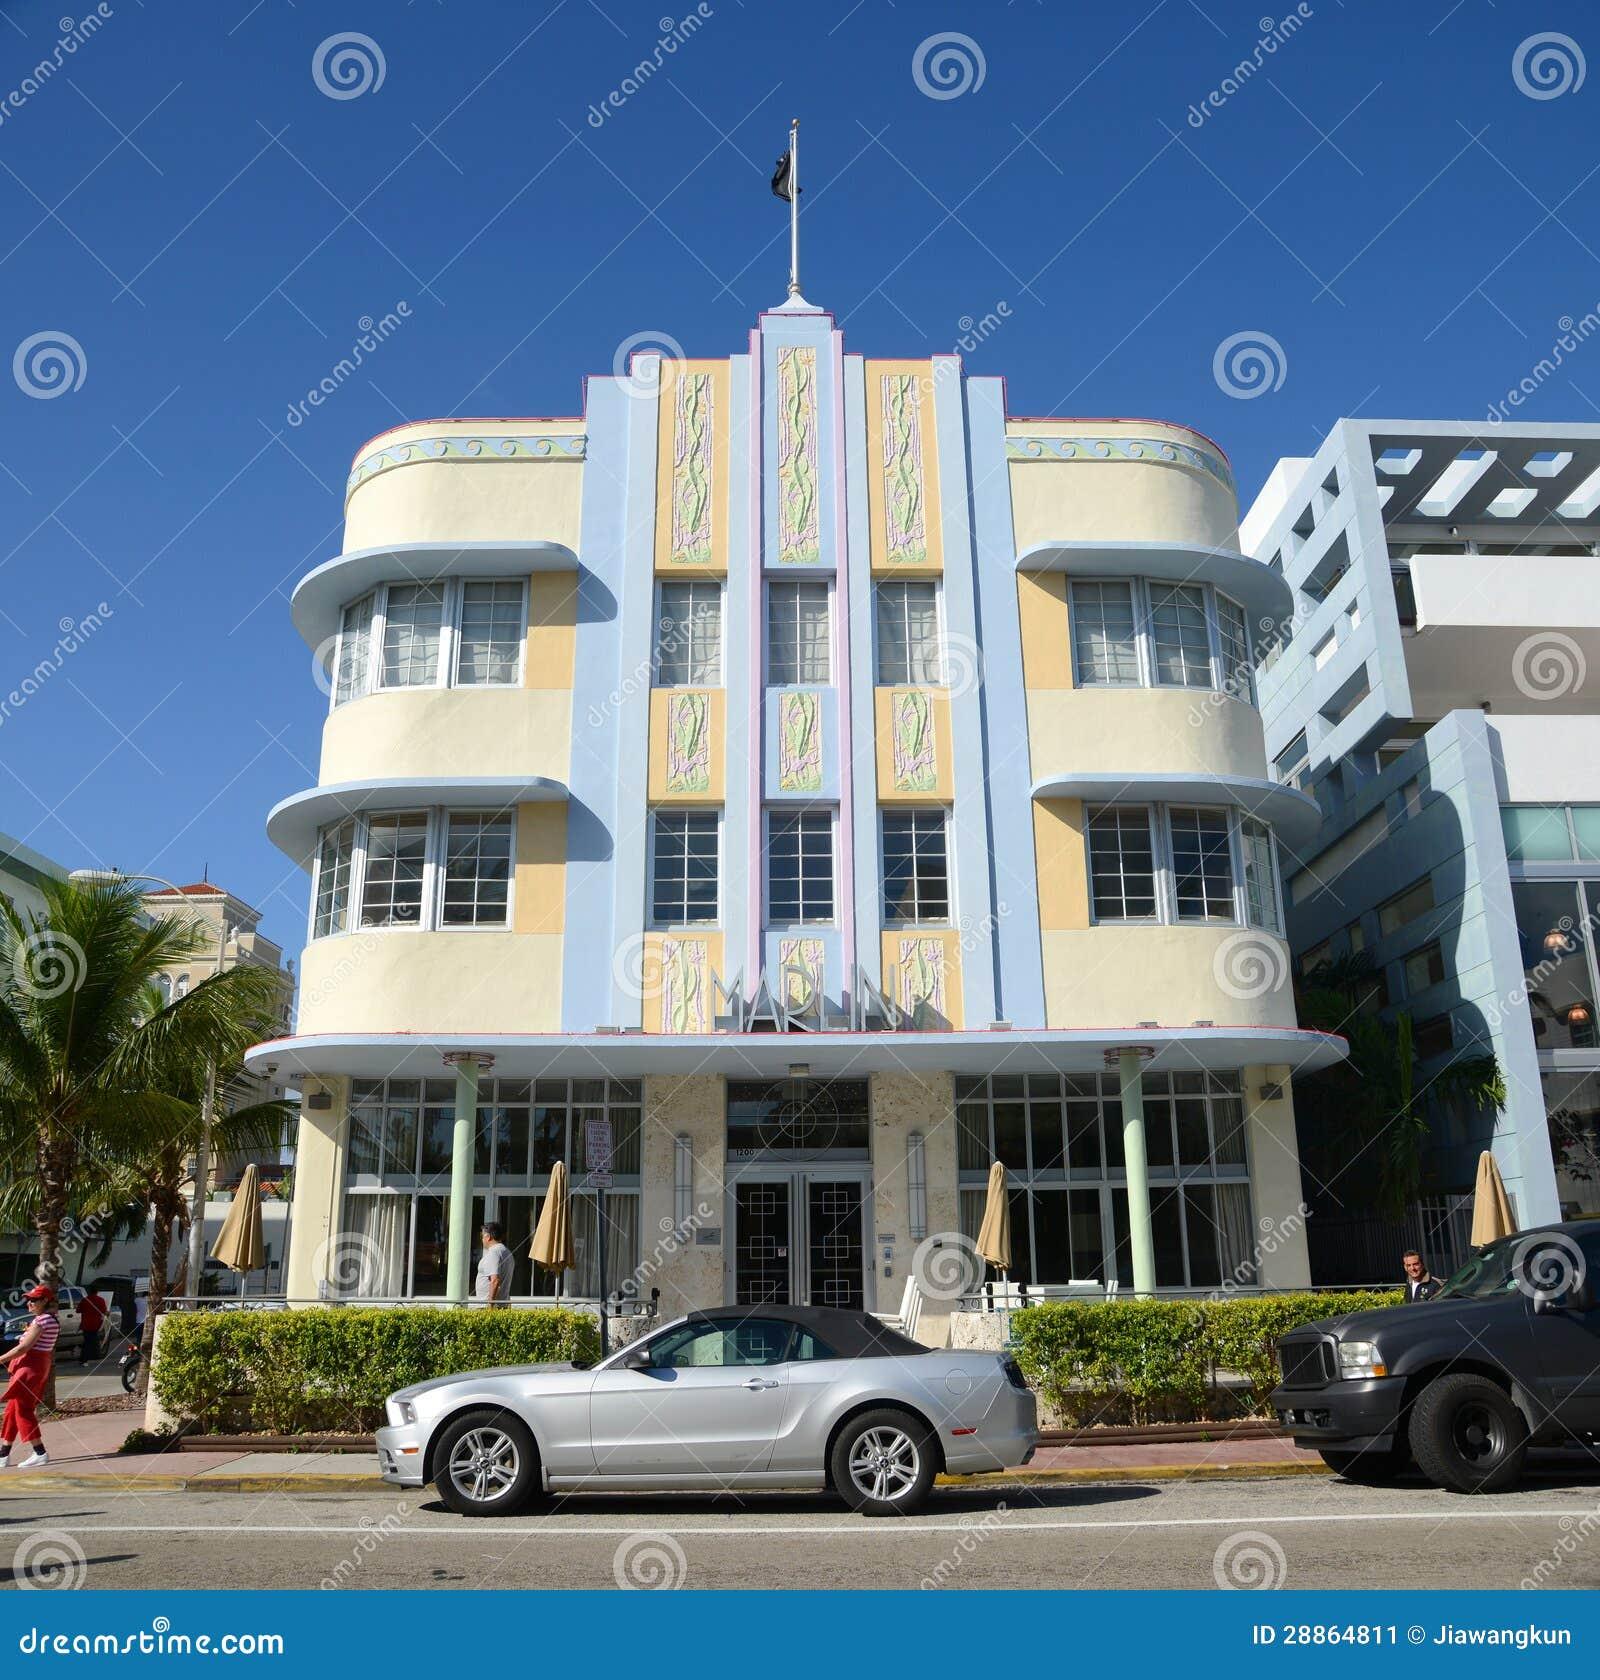 Art Deco Style Marlin In Miami Beach Editorial Photo Image 28864811